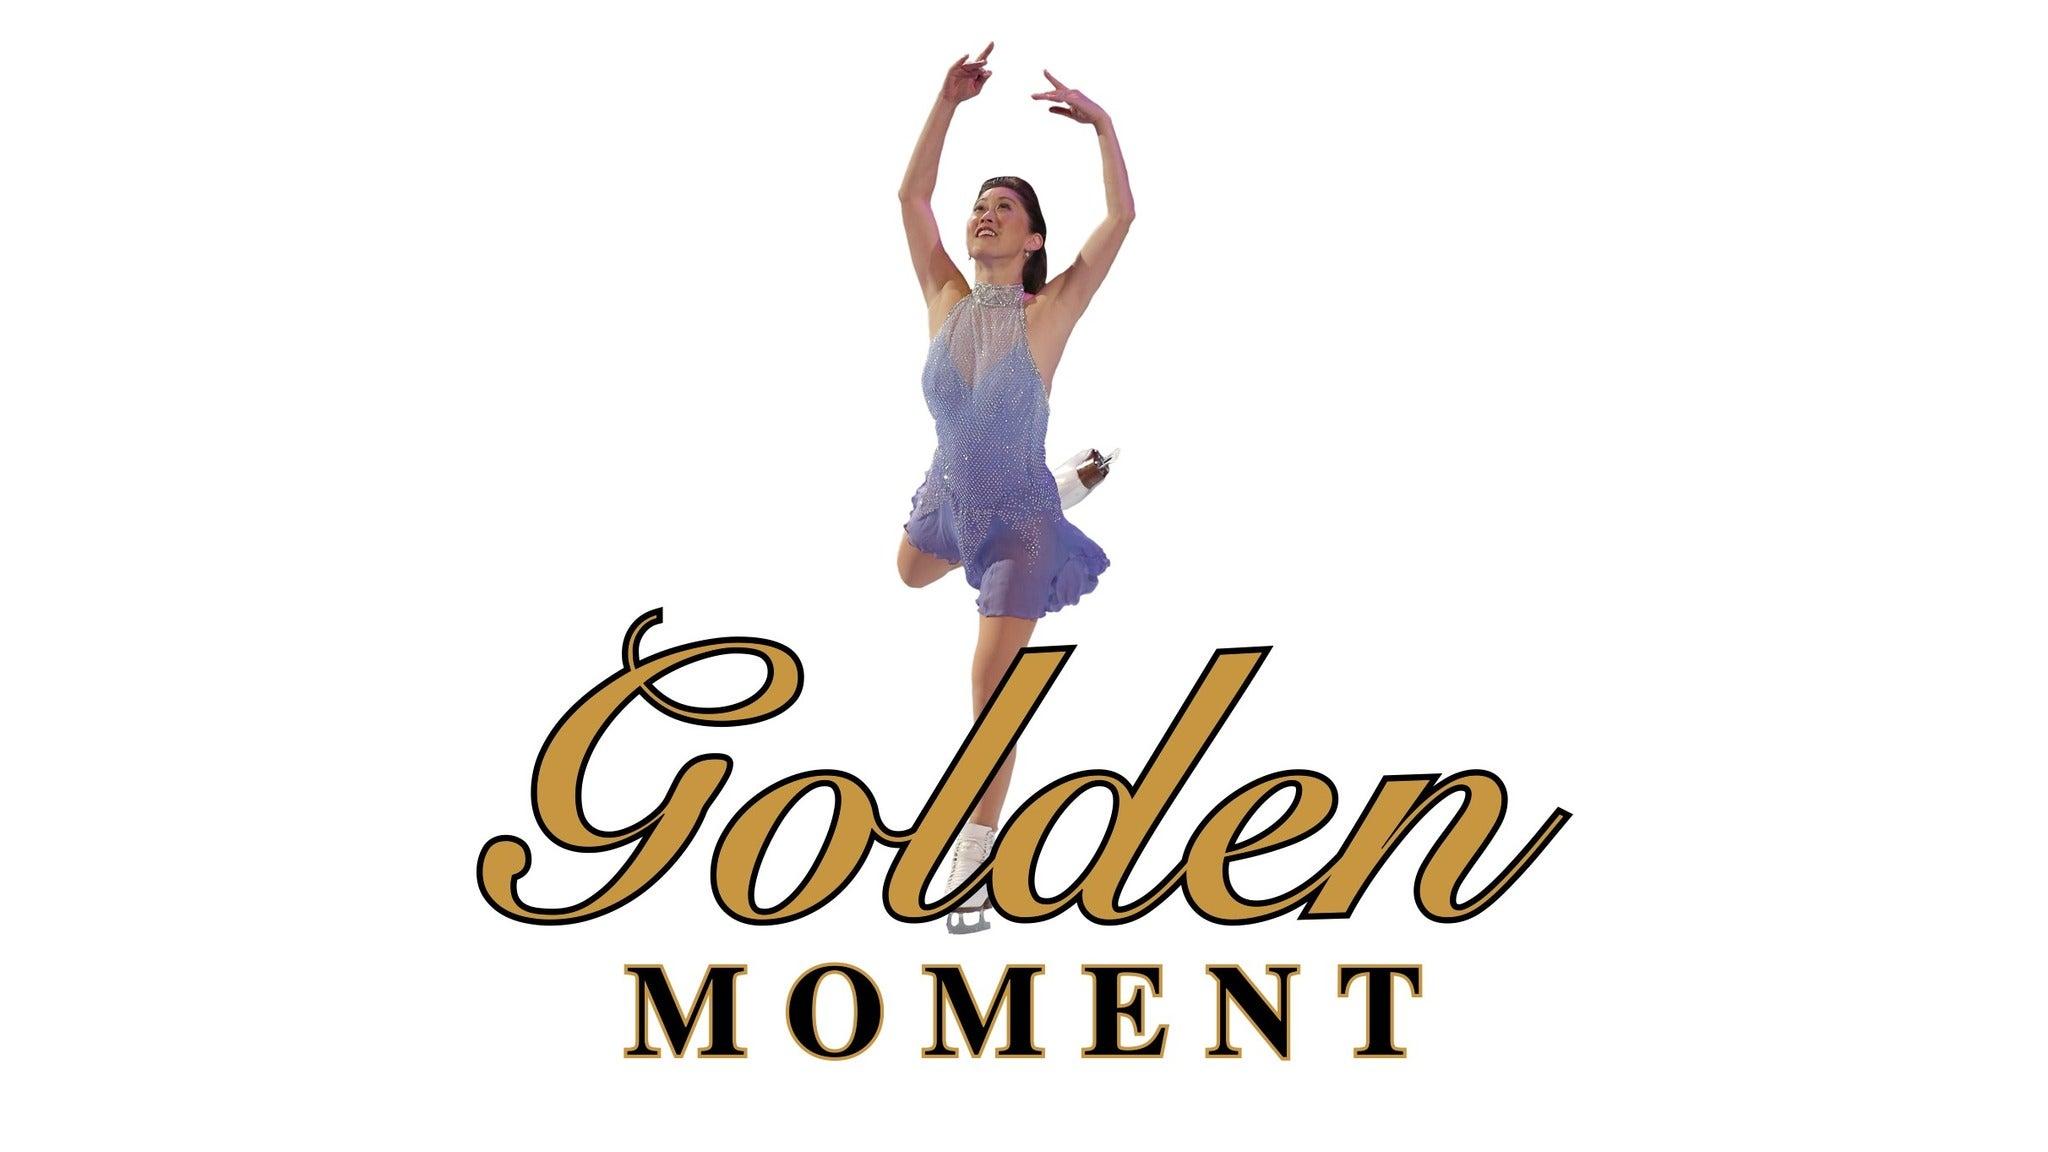 Kristi Yamaguchi's Golden Moment at Neal S Blaisdell Arena